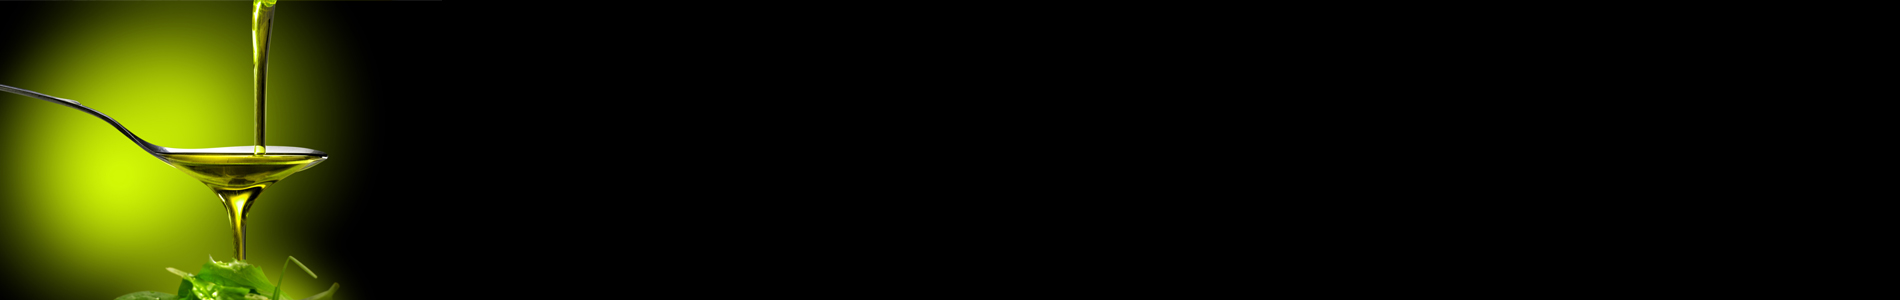 bandeau-chanvrierex1900x300-alimentation